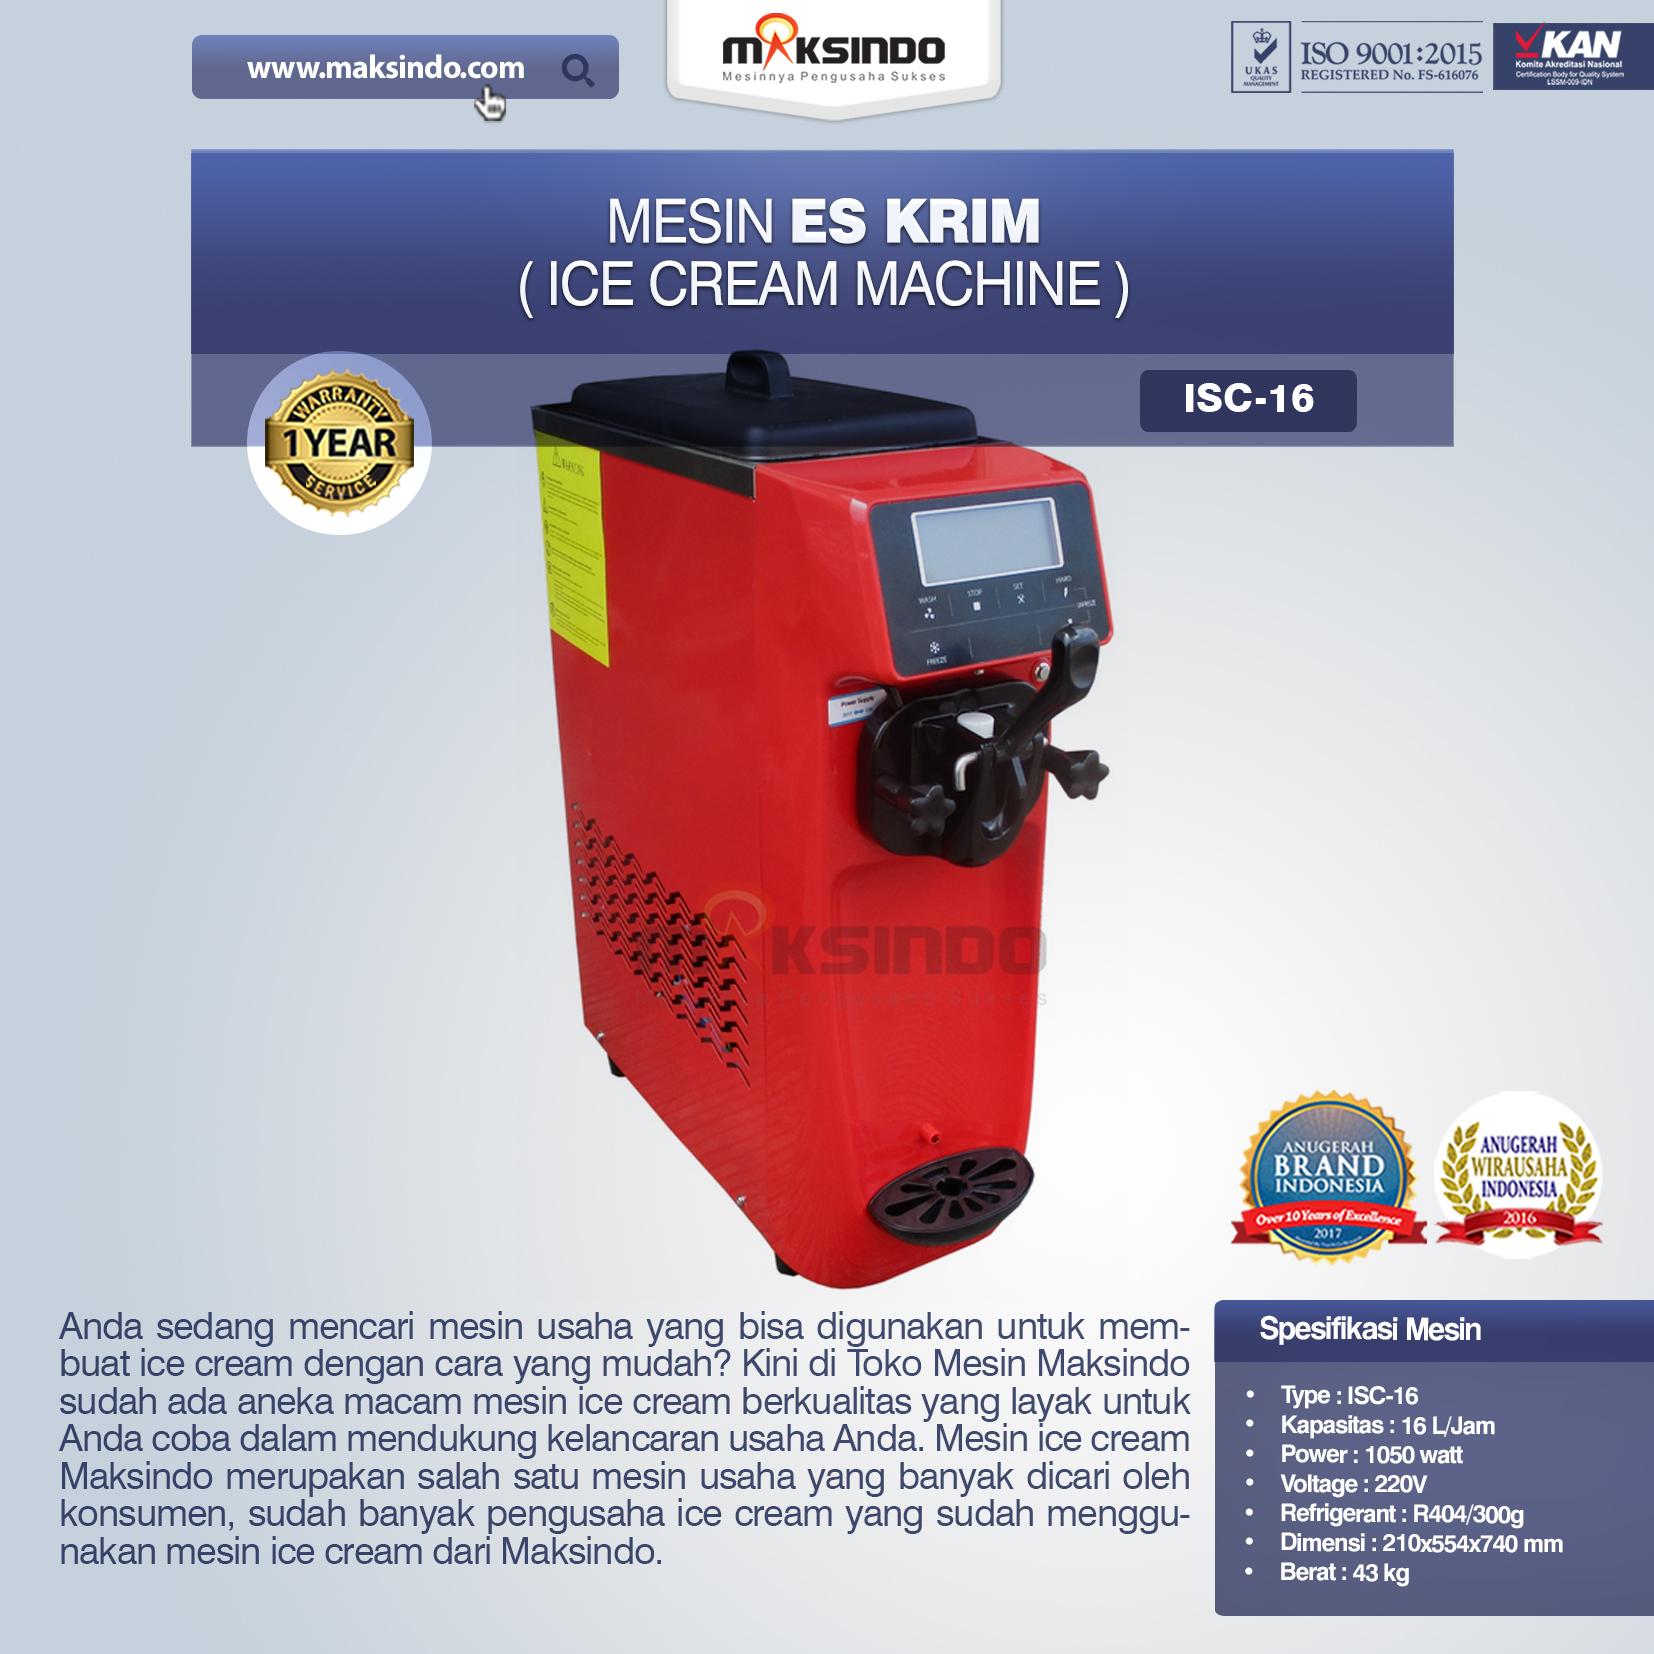 Jual Mesin Es Krim (Ice Cream Machine) ISC-16 di Jakarta